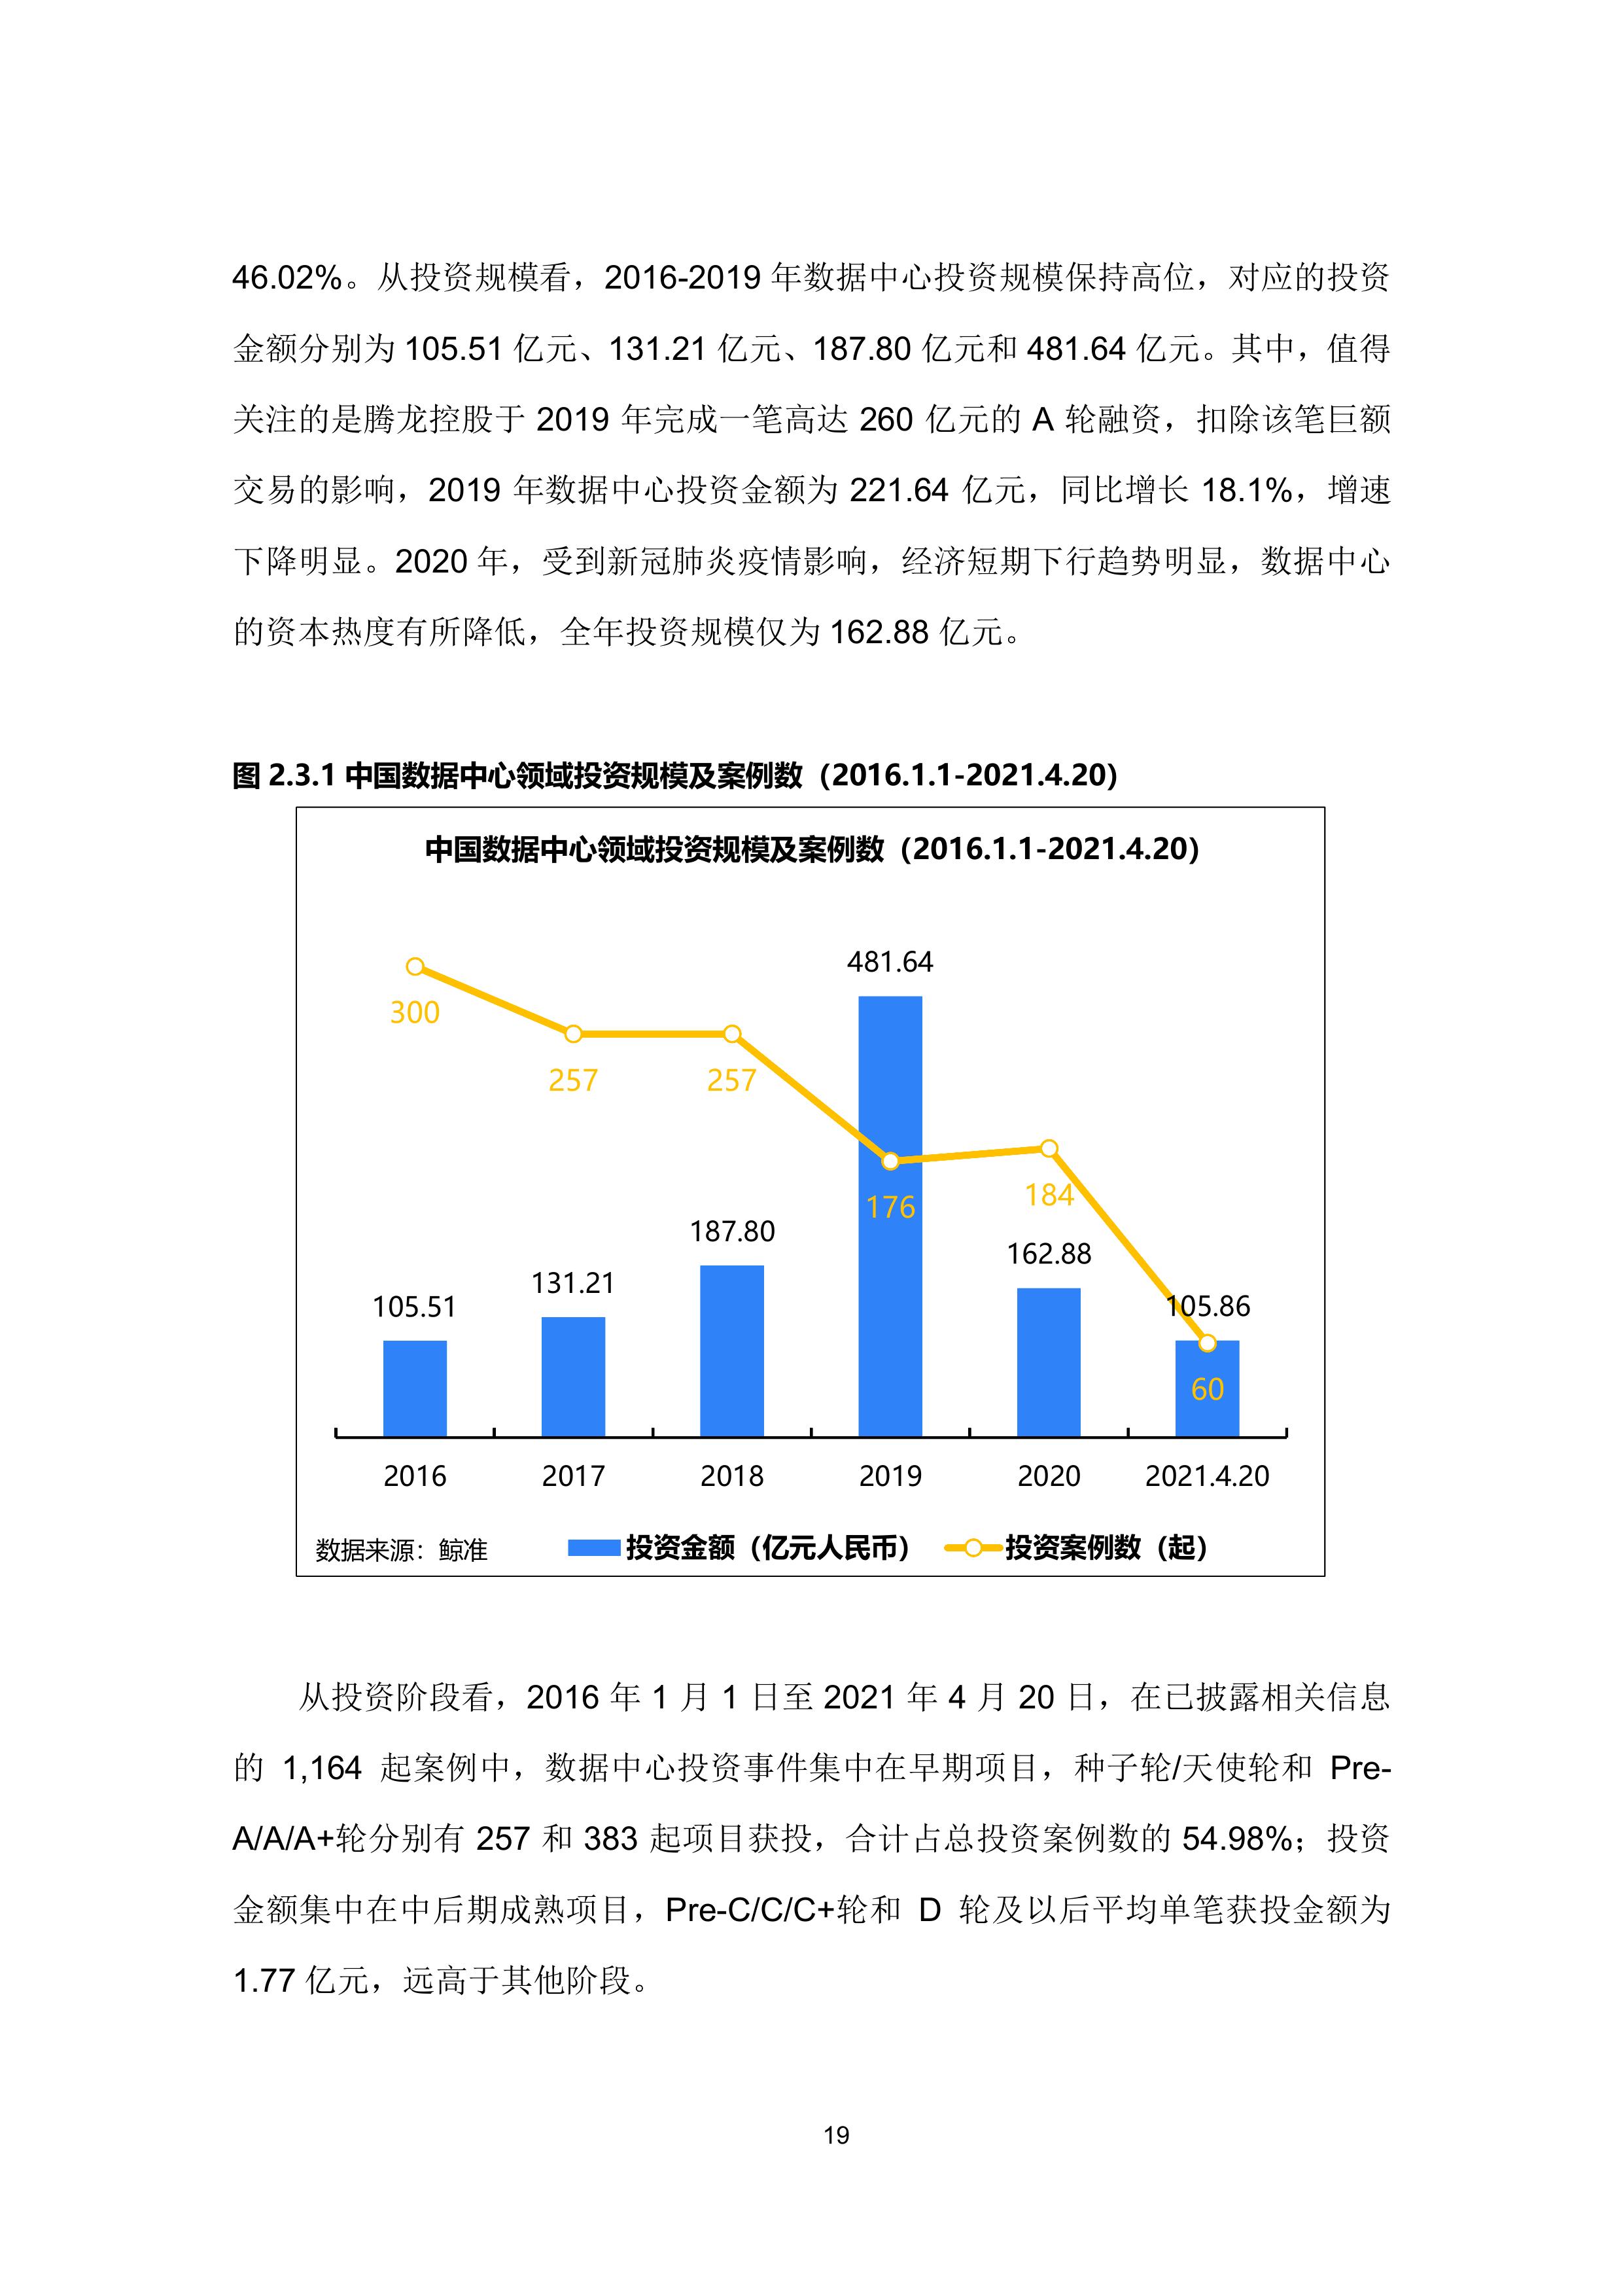 36氪研究院 - 新基建系列之:2020年中国城市数据中心发展指数报告-大菠萝官网(图30)